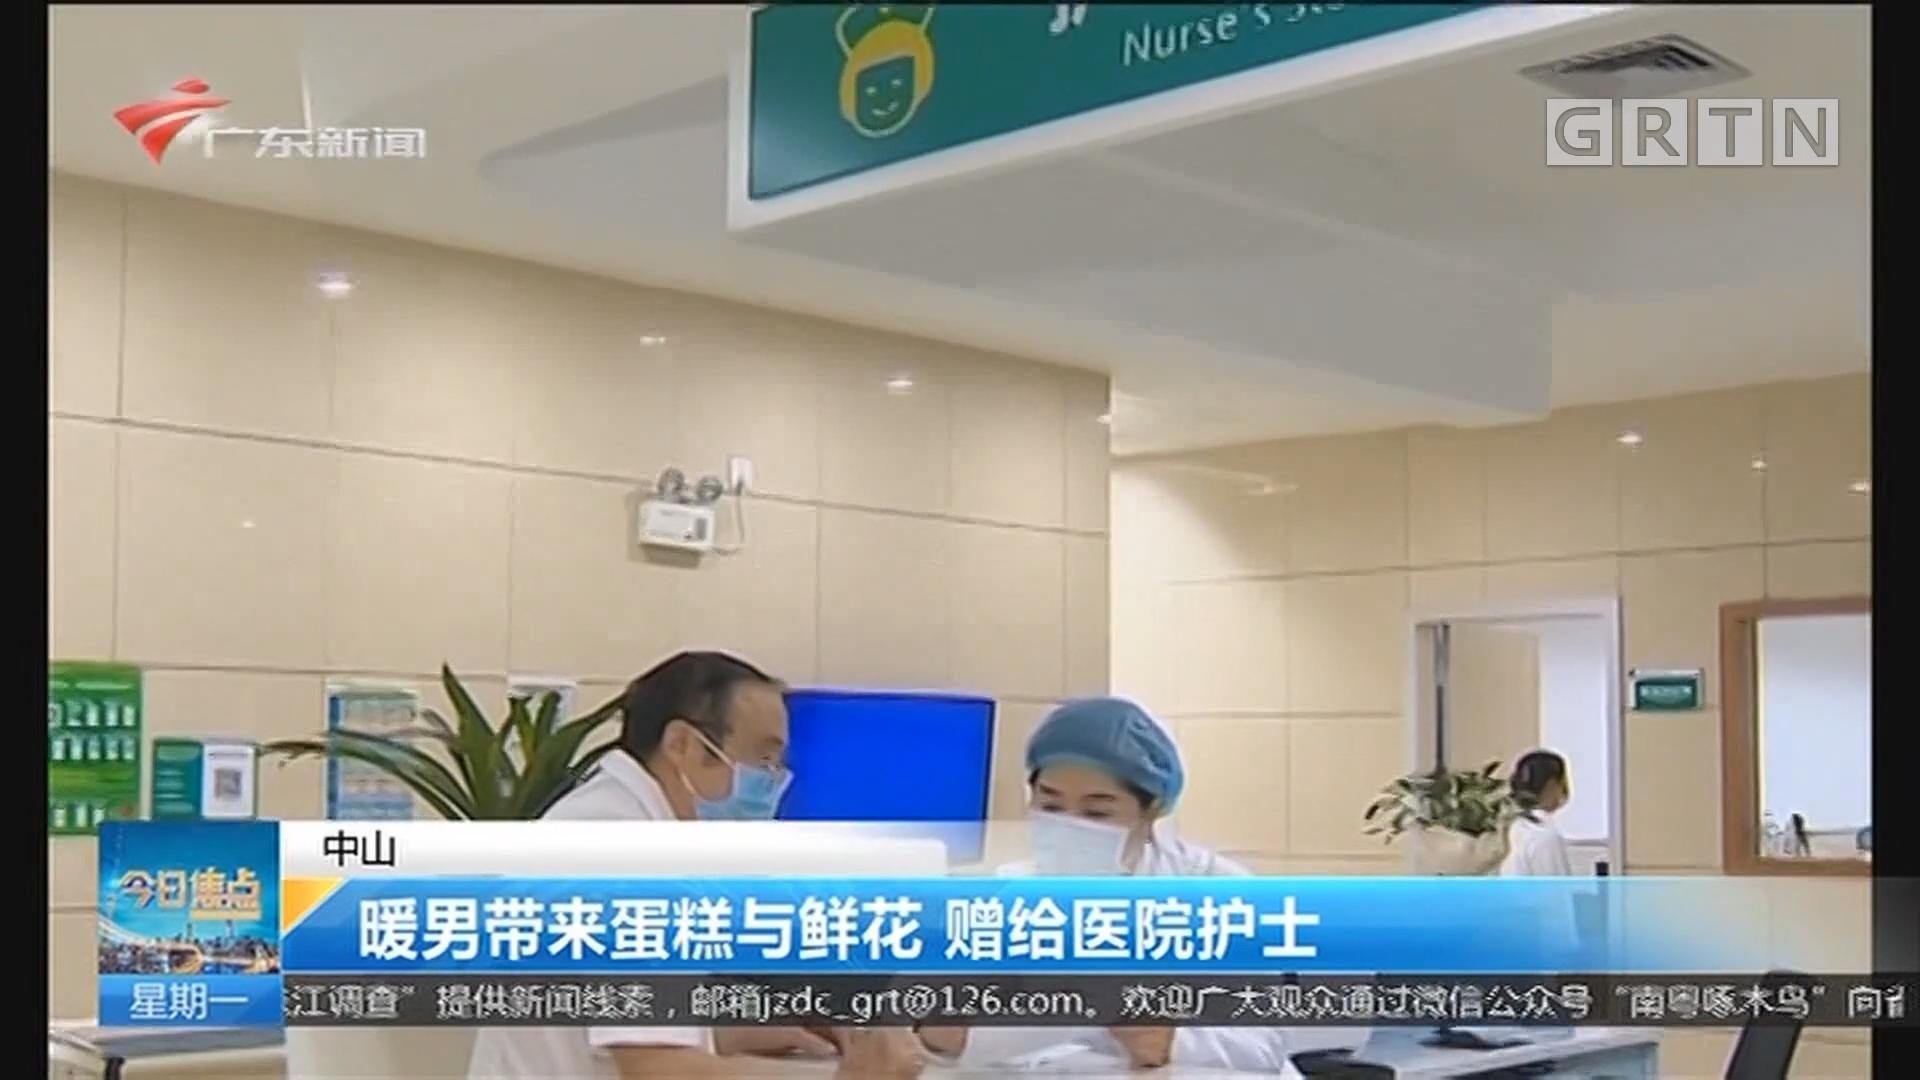 中山 暖男带来蛋糕与鲜花 赠给医院护士